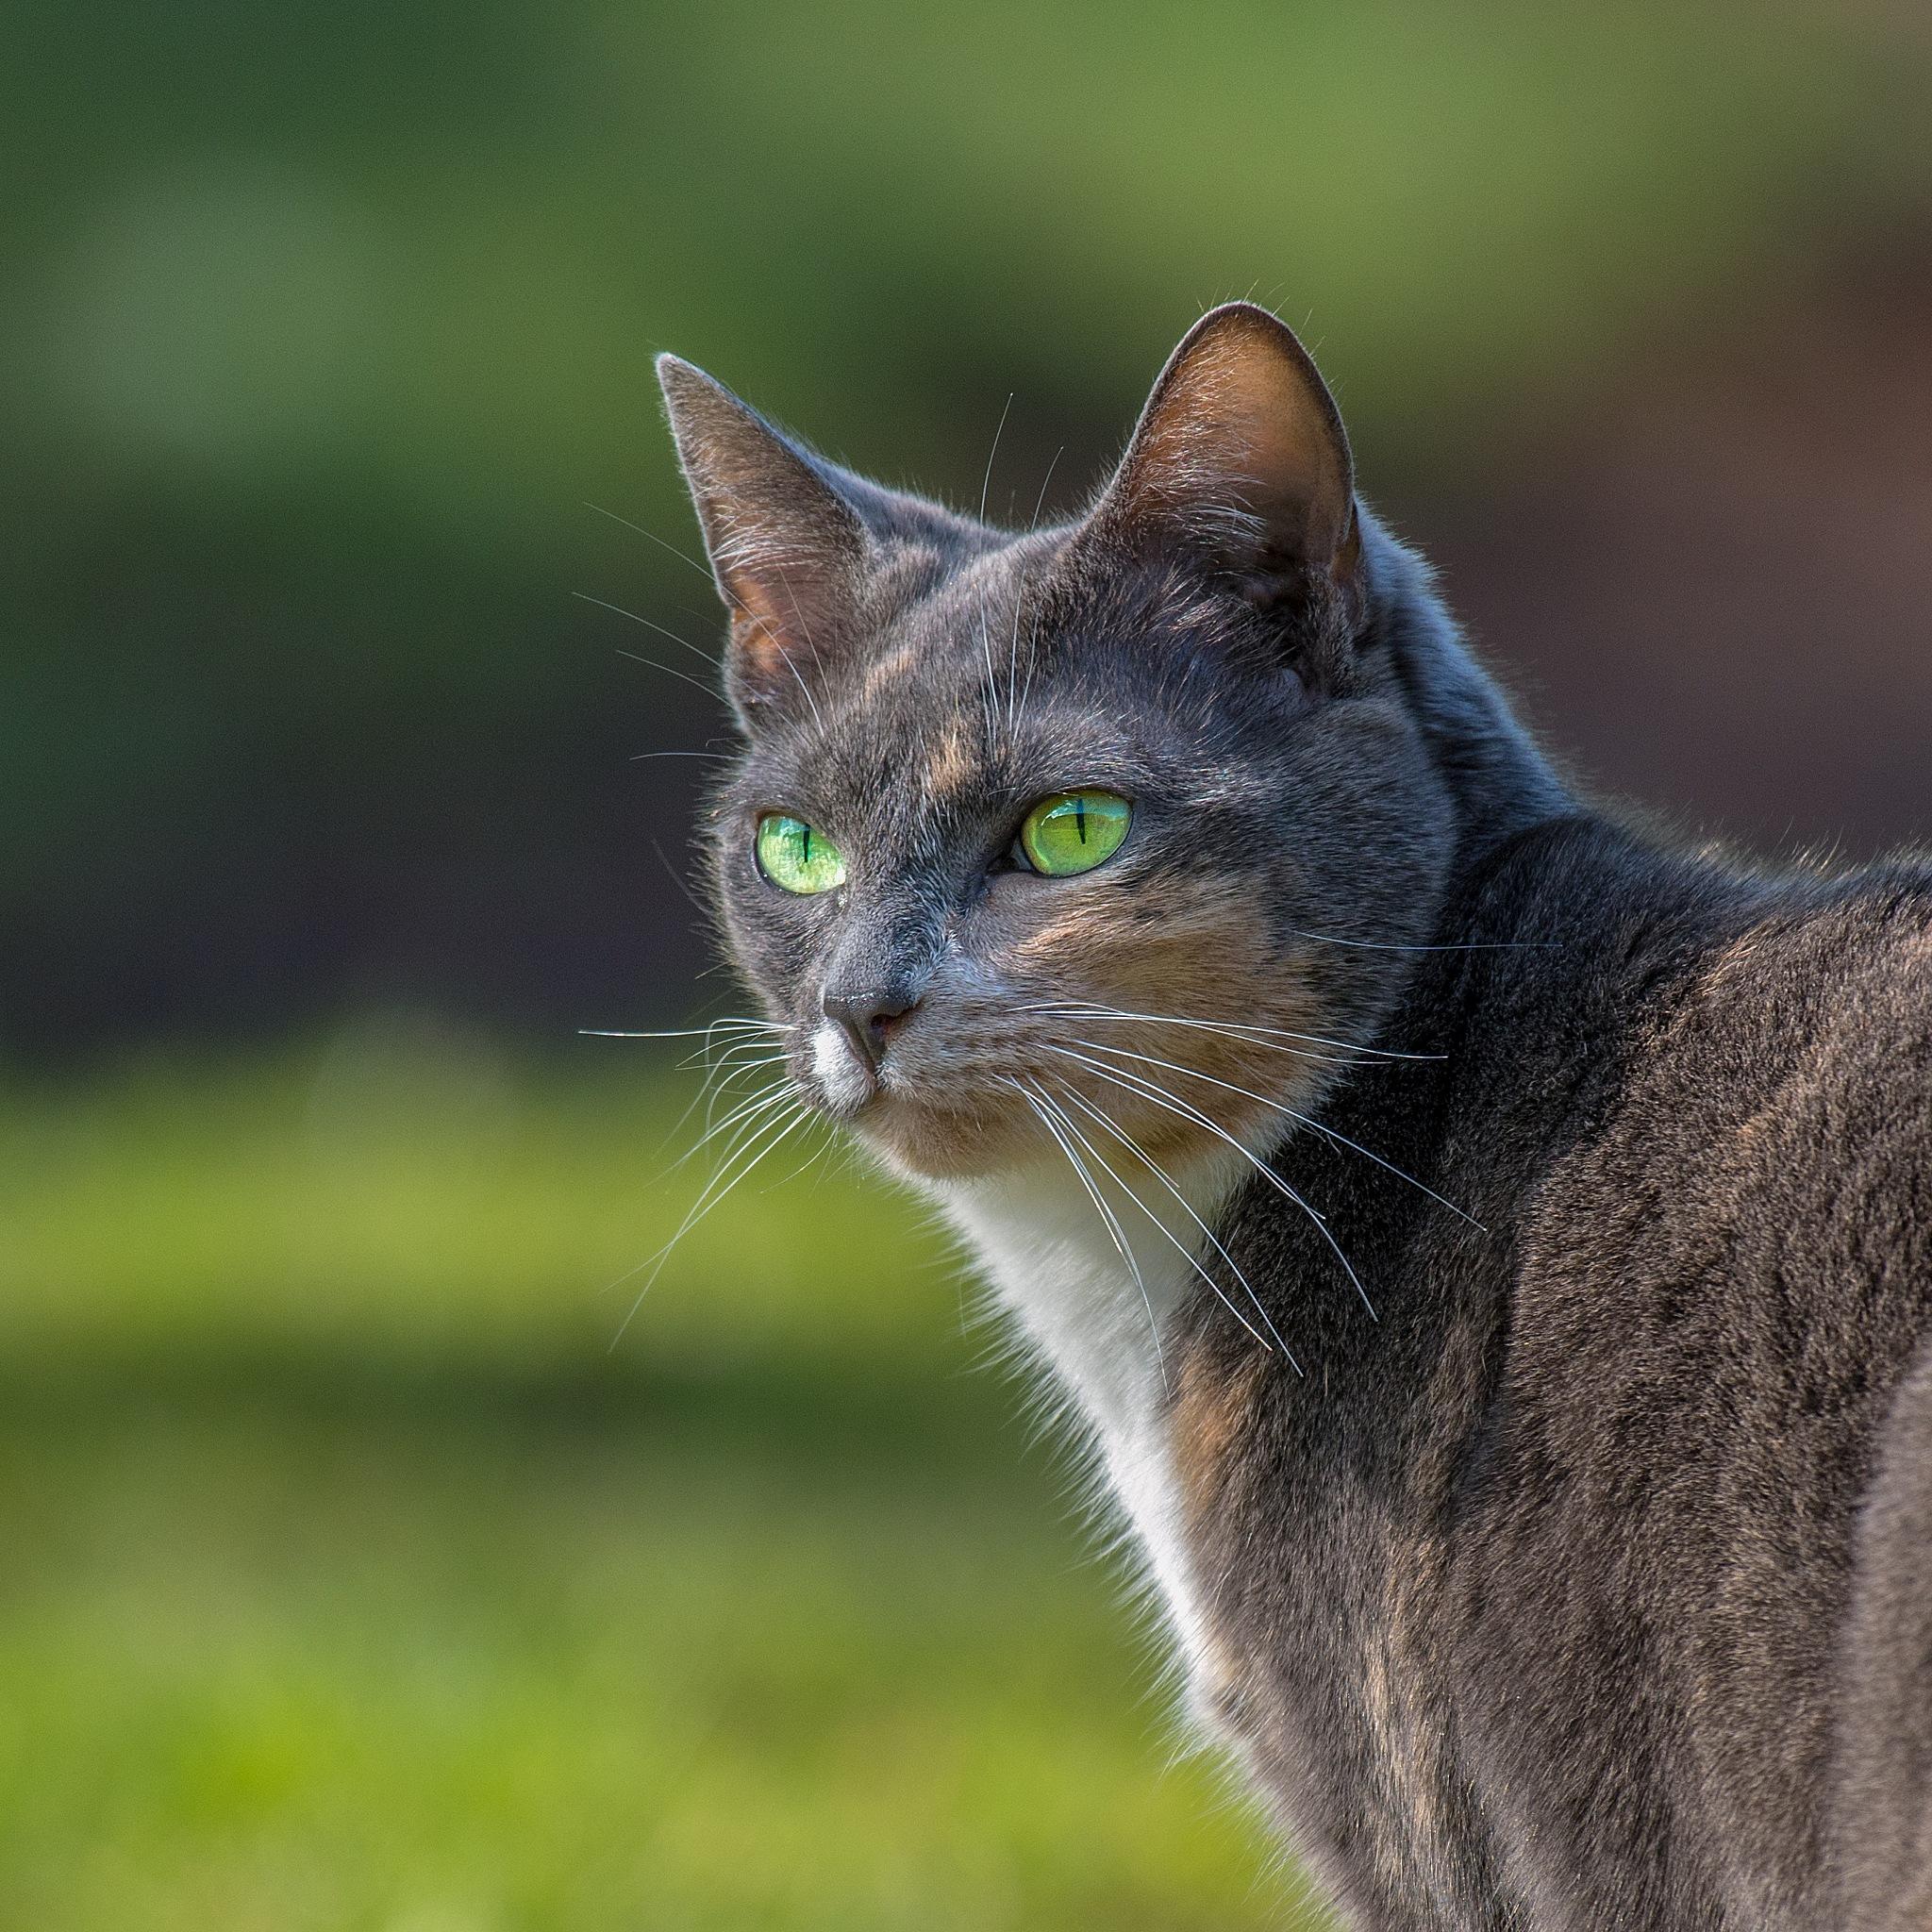 Cat by Gerard Manders